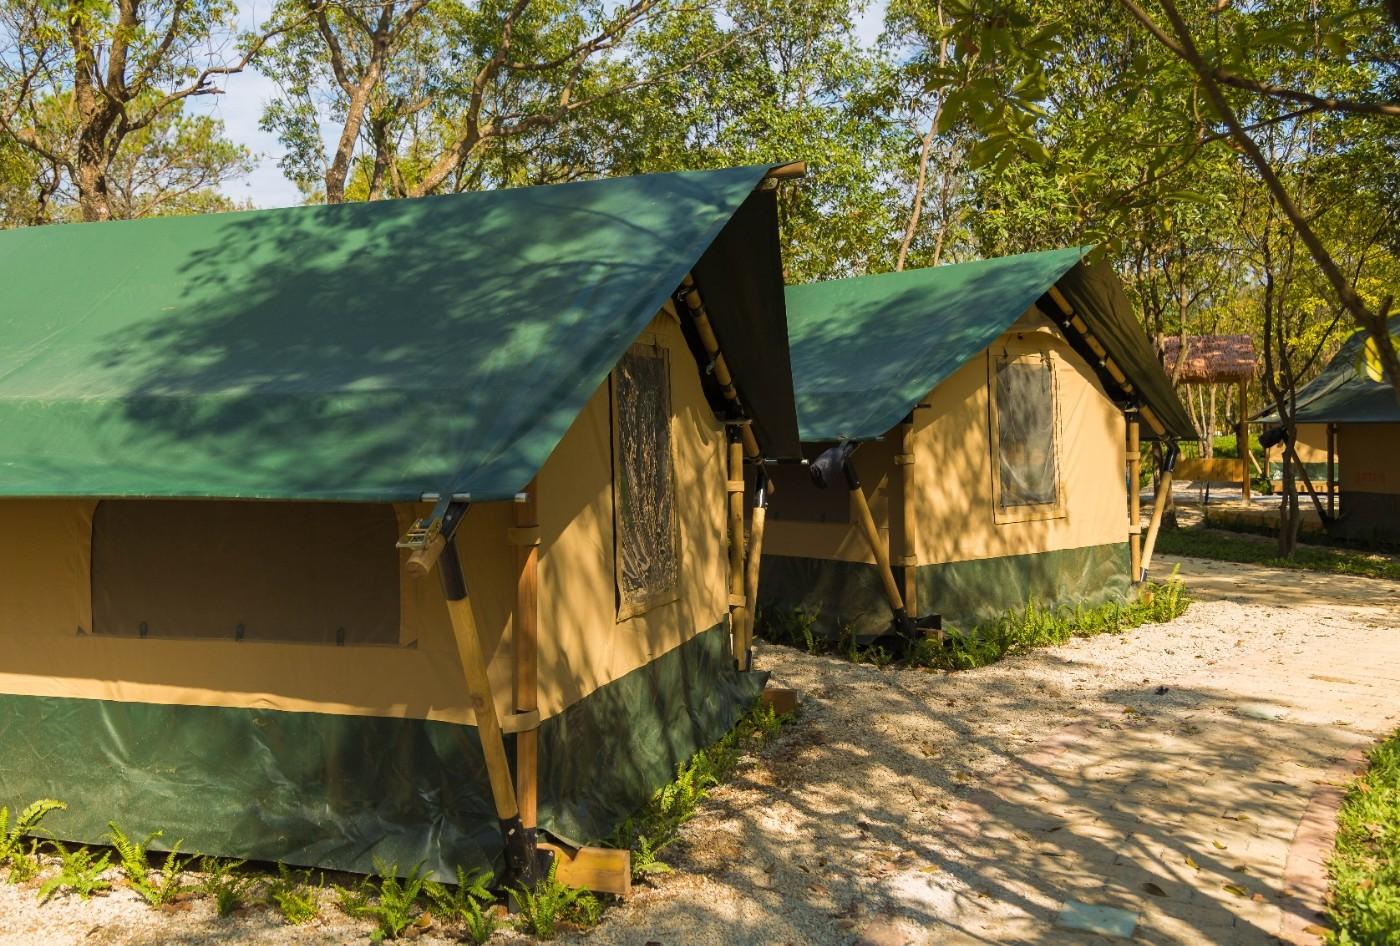 喜马拉雅青少年教育营地—广州和营天下平地帐篷酒店15